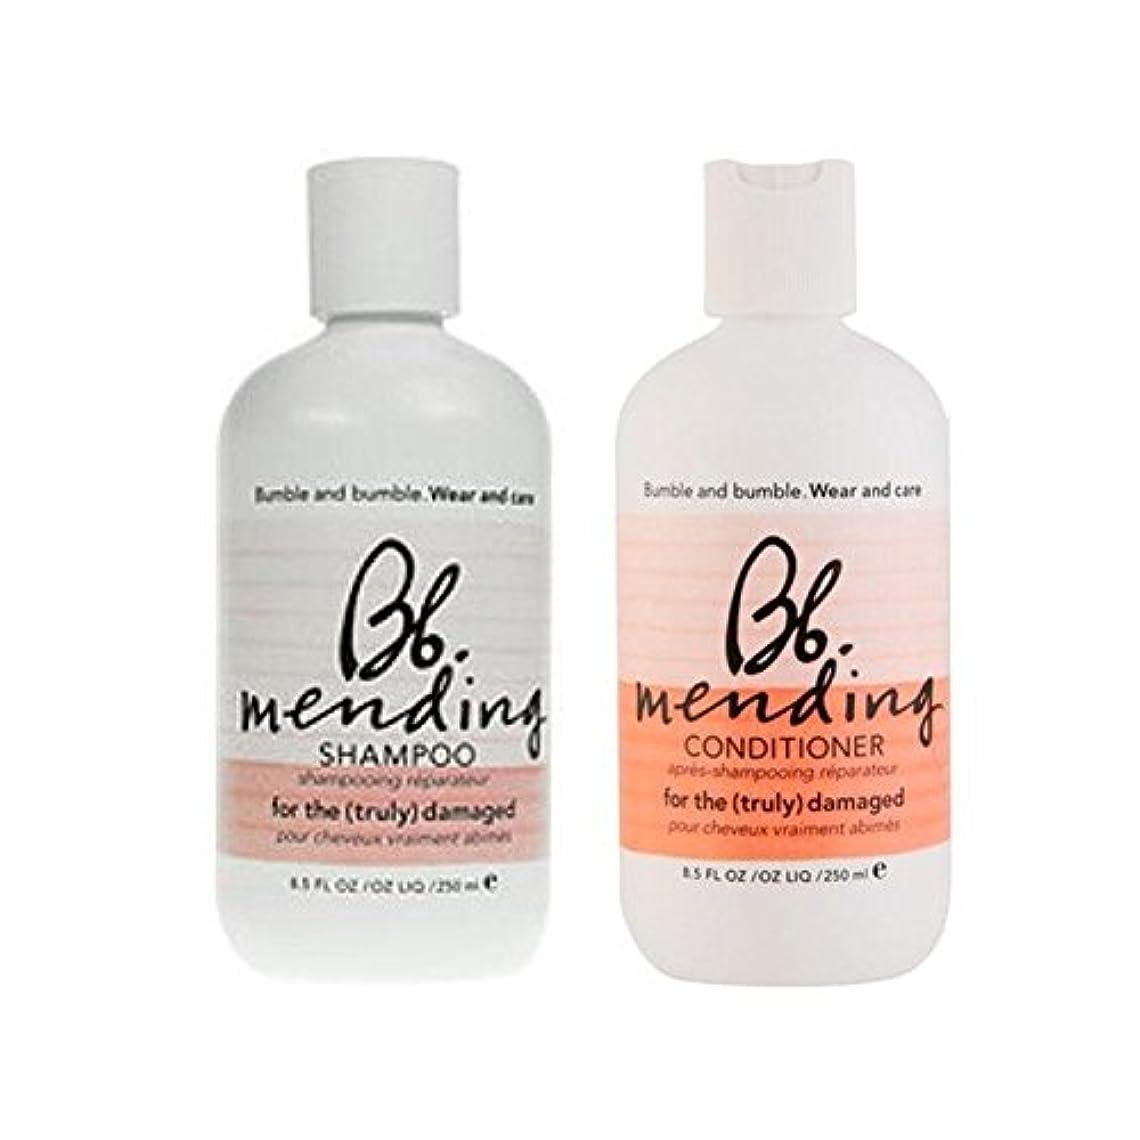 委員会再現する哲学者Bb Wear And Care Mending Duo- Shampoo And Conditioner (Pack of 6) - 着用し、-シャンプーとコンディショナーを補修ケア x6 [並行輸入品]